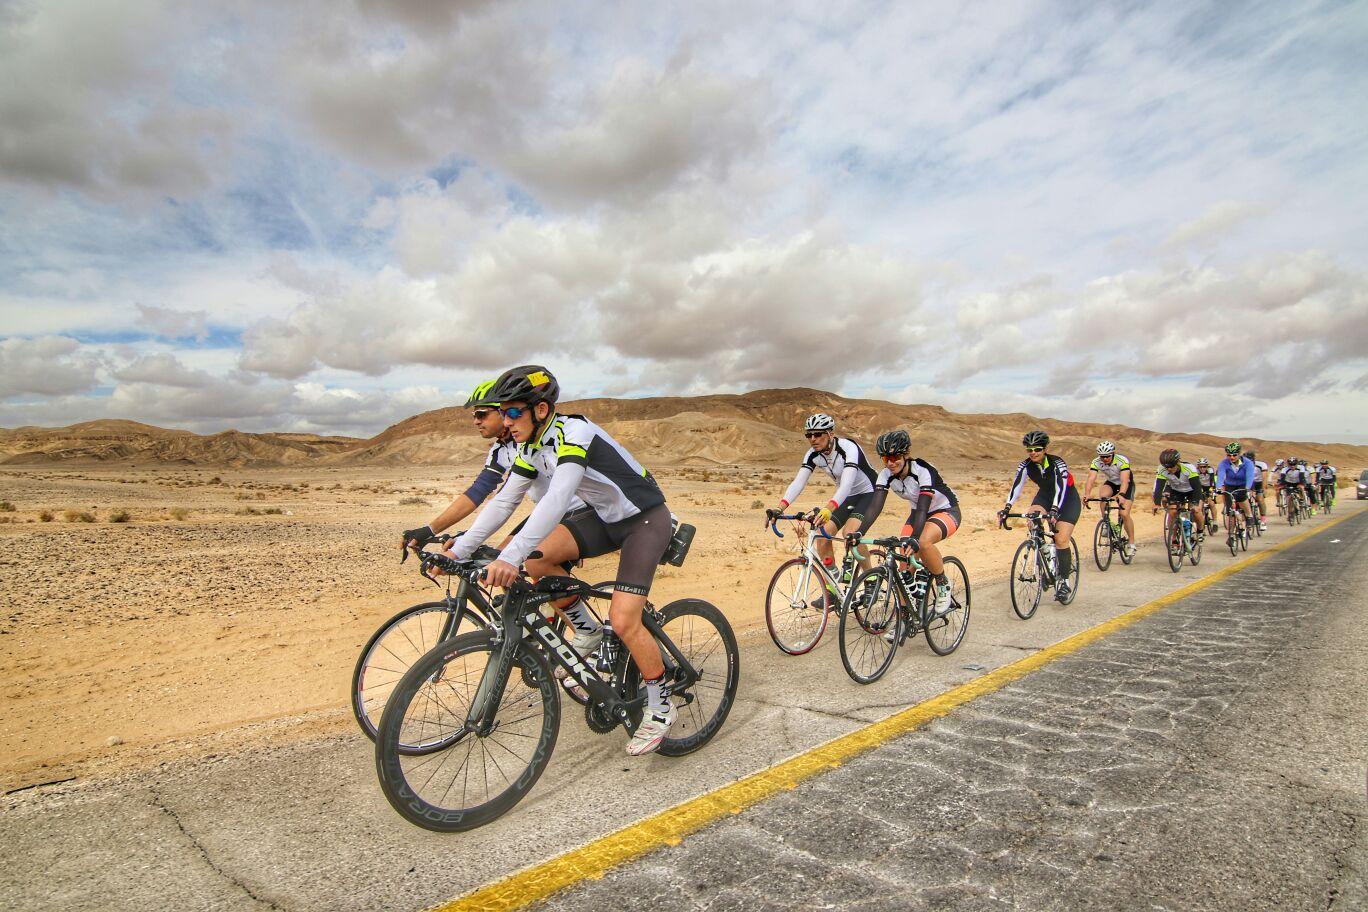 מסע האופניים האתגרי של הסוכרתיים